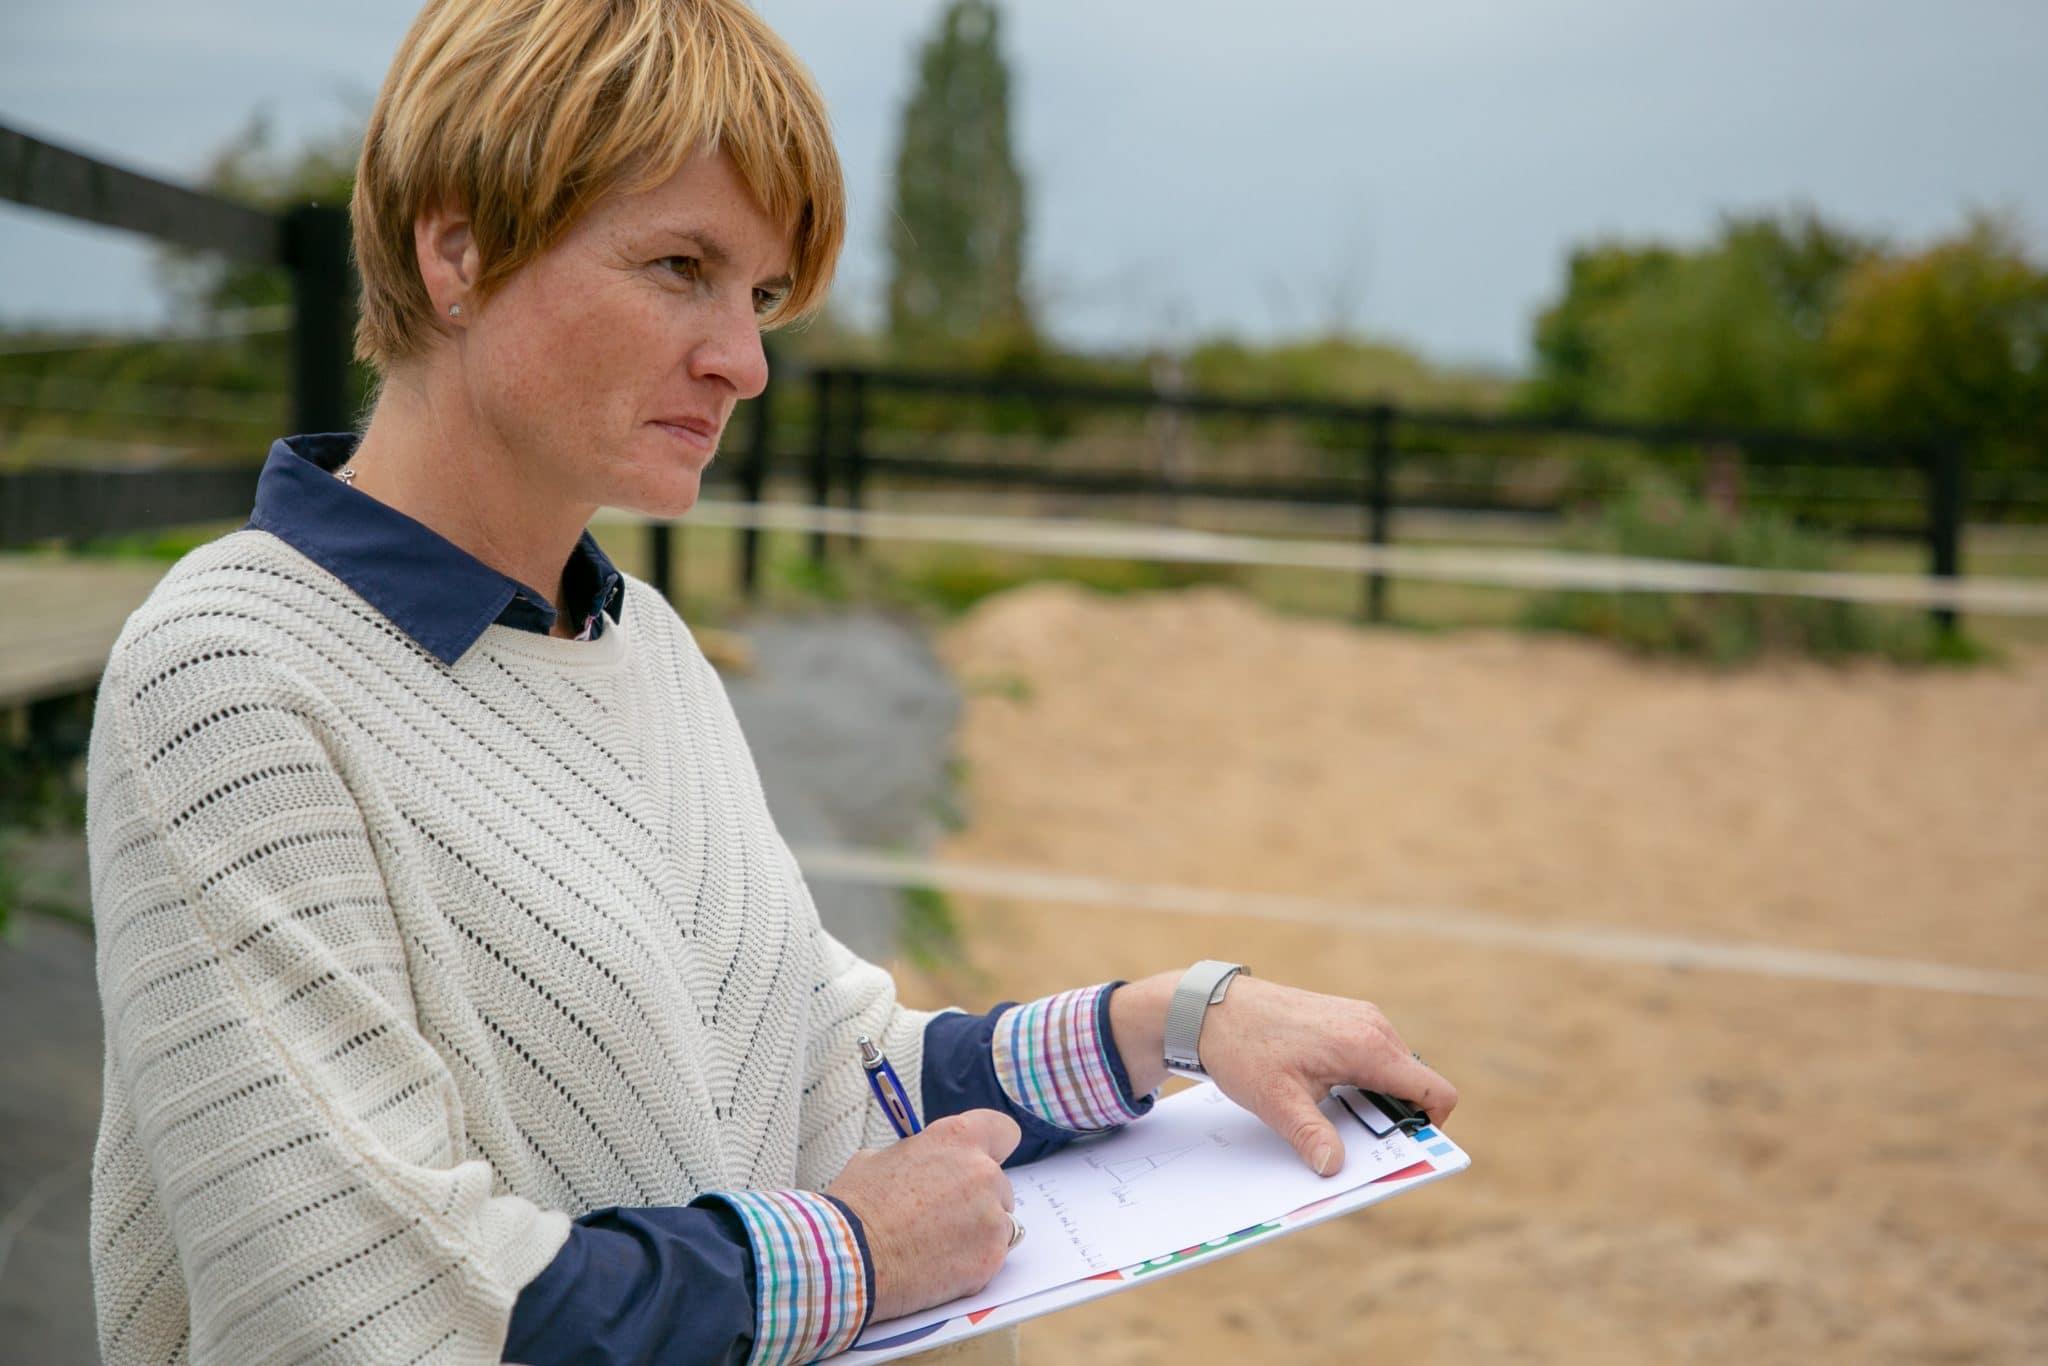 Les séances d'équicoaching sont animées et encadrées par un professionnel spécialisé. Son rôle est de mettre en lumière le comportement du cheval pour favoriser les comportements aidants du participant.